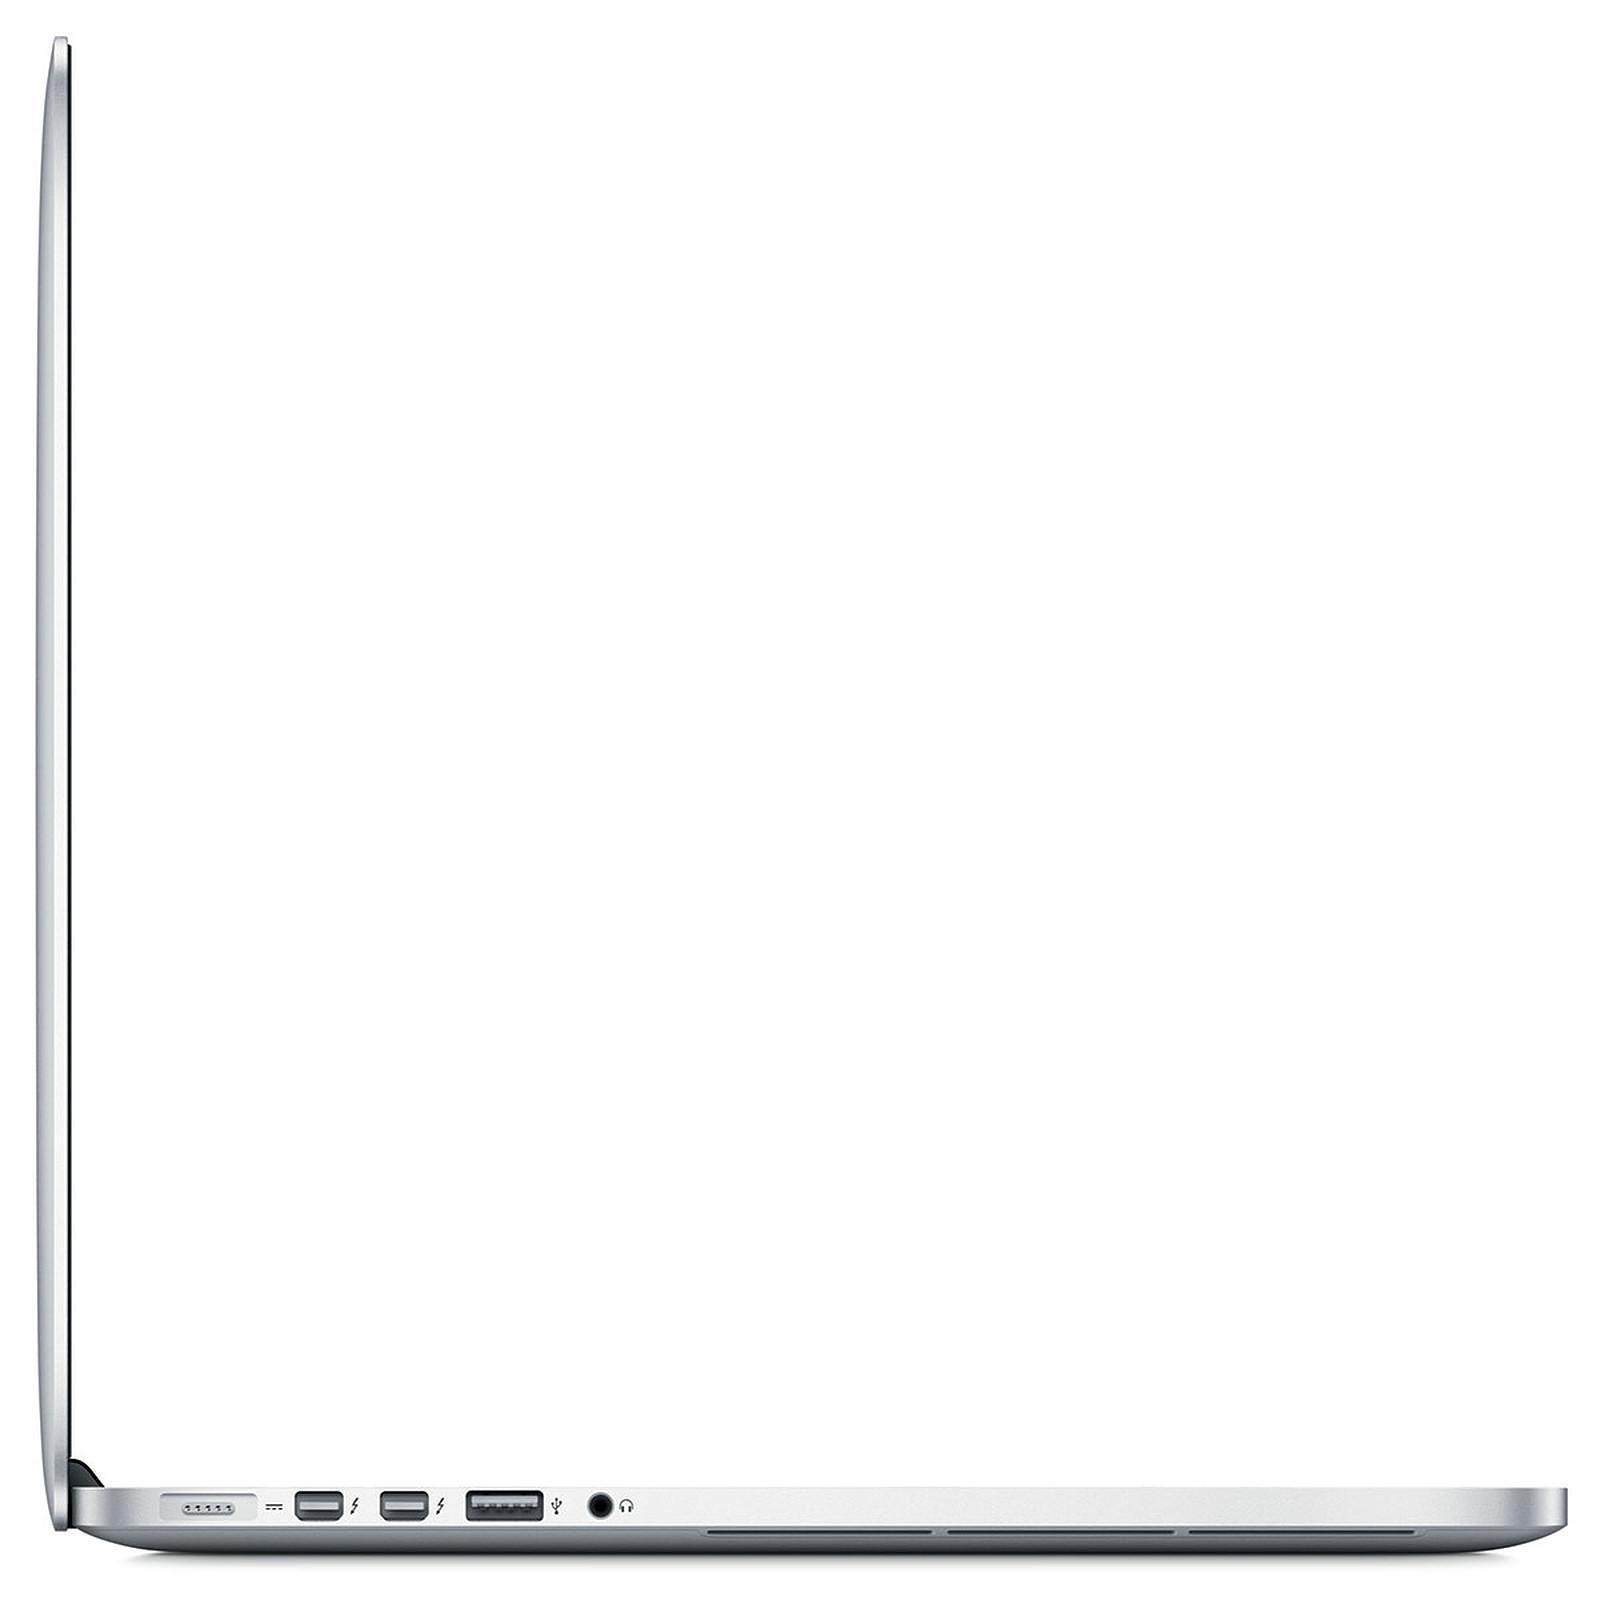 MacBook Pro Retina 15,4-tum (2014) - Core i7 - 16GB - SSD 128 GB QWERTZ - Tyska